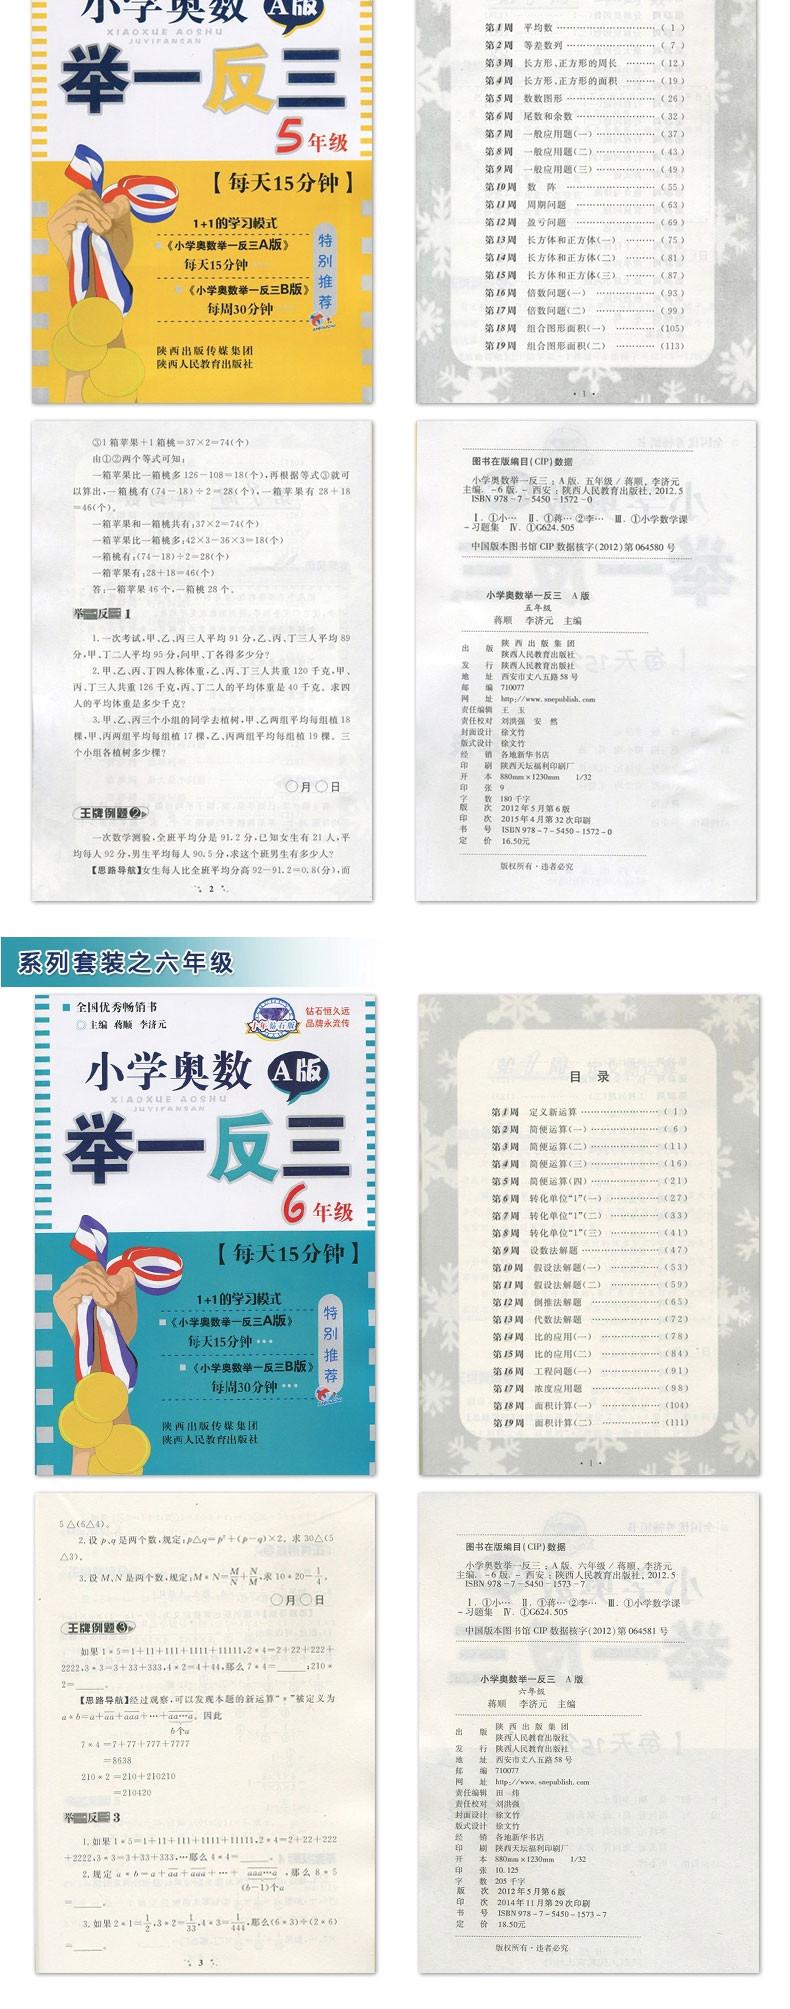 《小学小学B版举一反三4奥数一二三四五六年郑州年级私立图片